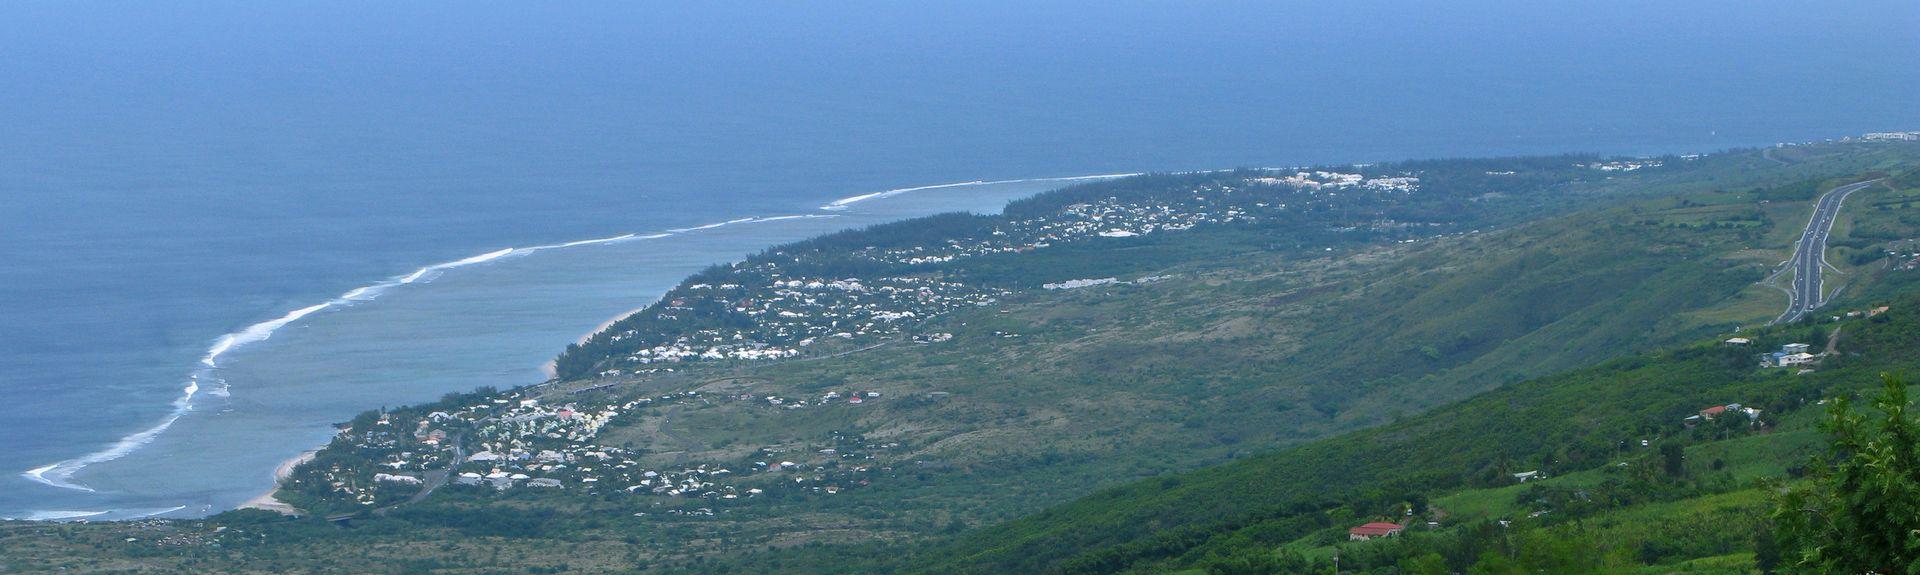 L'Ermitage-les-Bains, Saint-Paul, Arrondissement de Saint-Paul, La Réunion